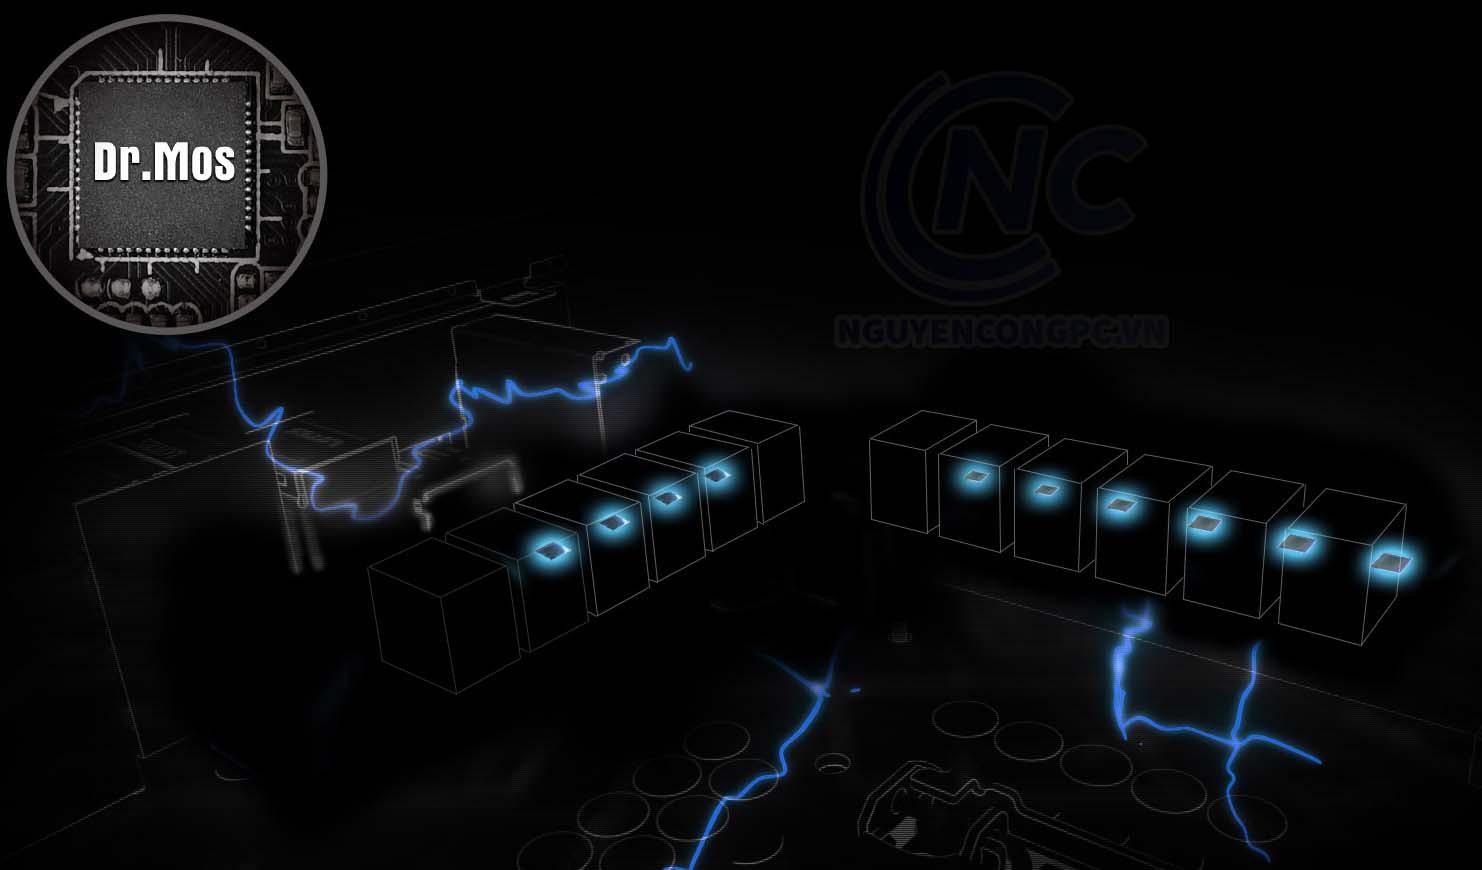 Thiết kế điện 10 pha Dr.MOS 60A